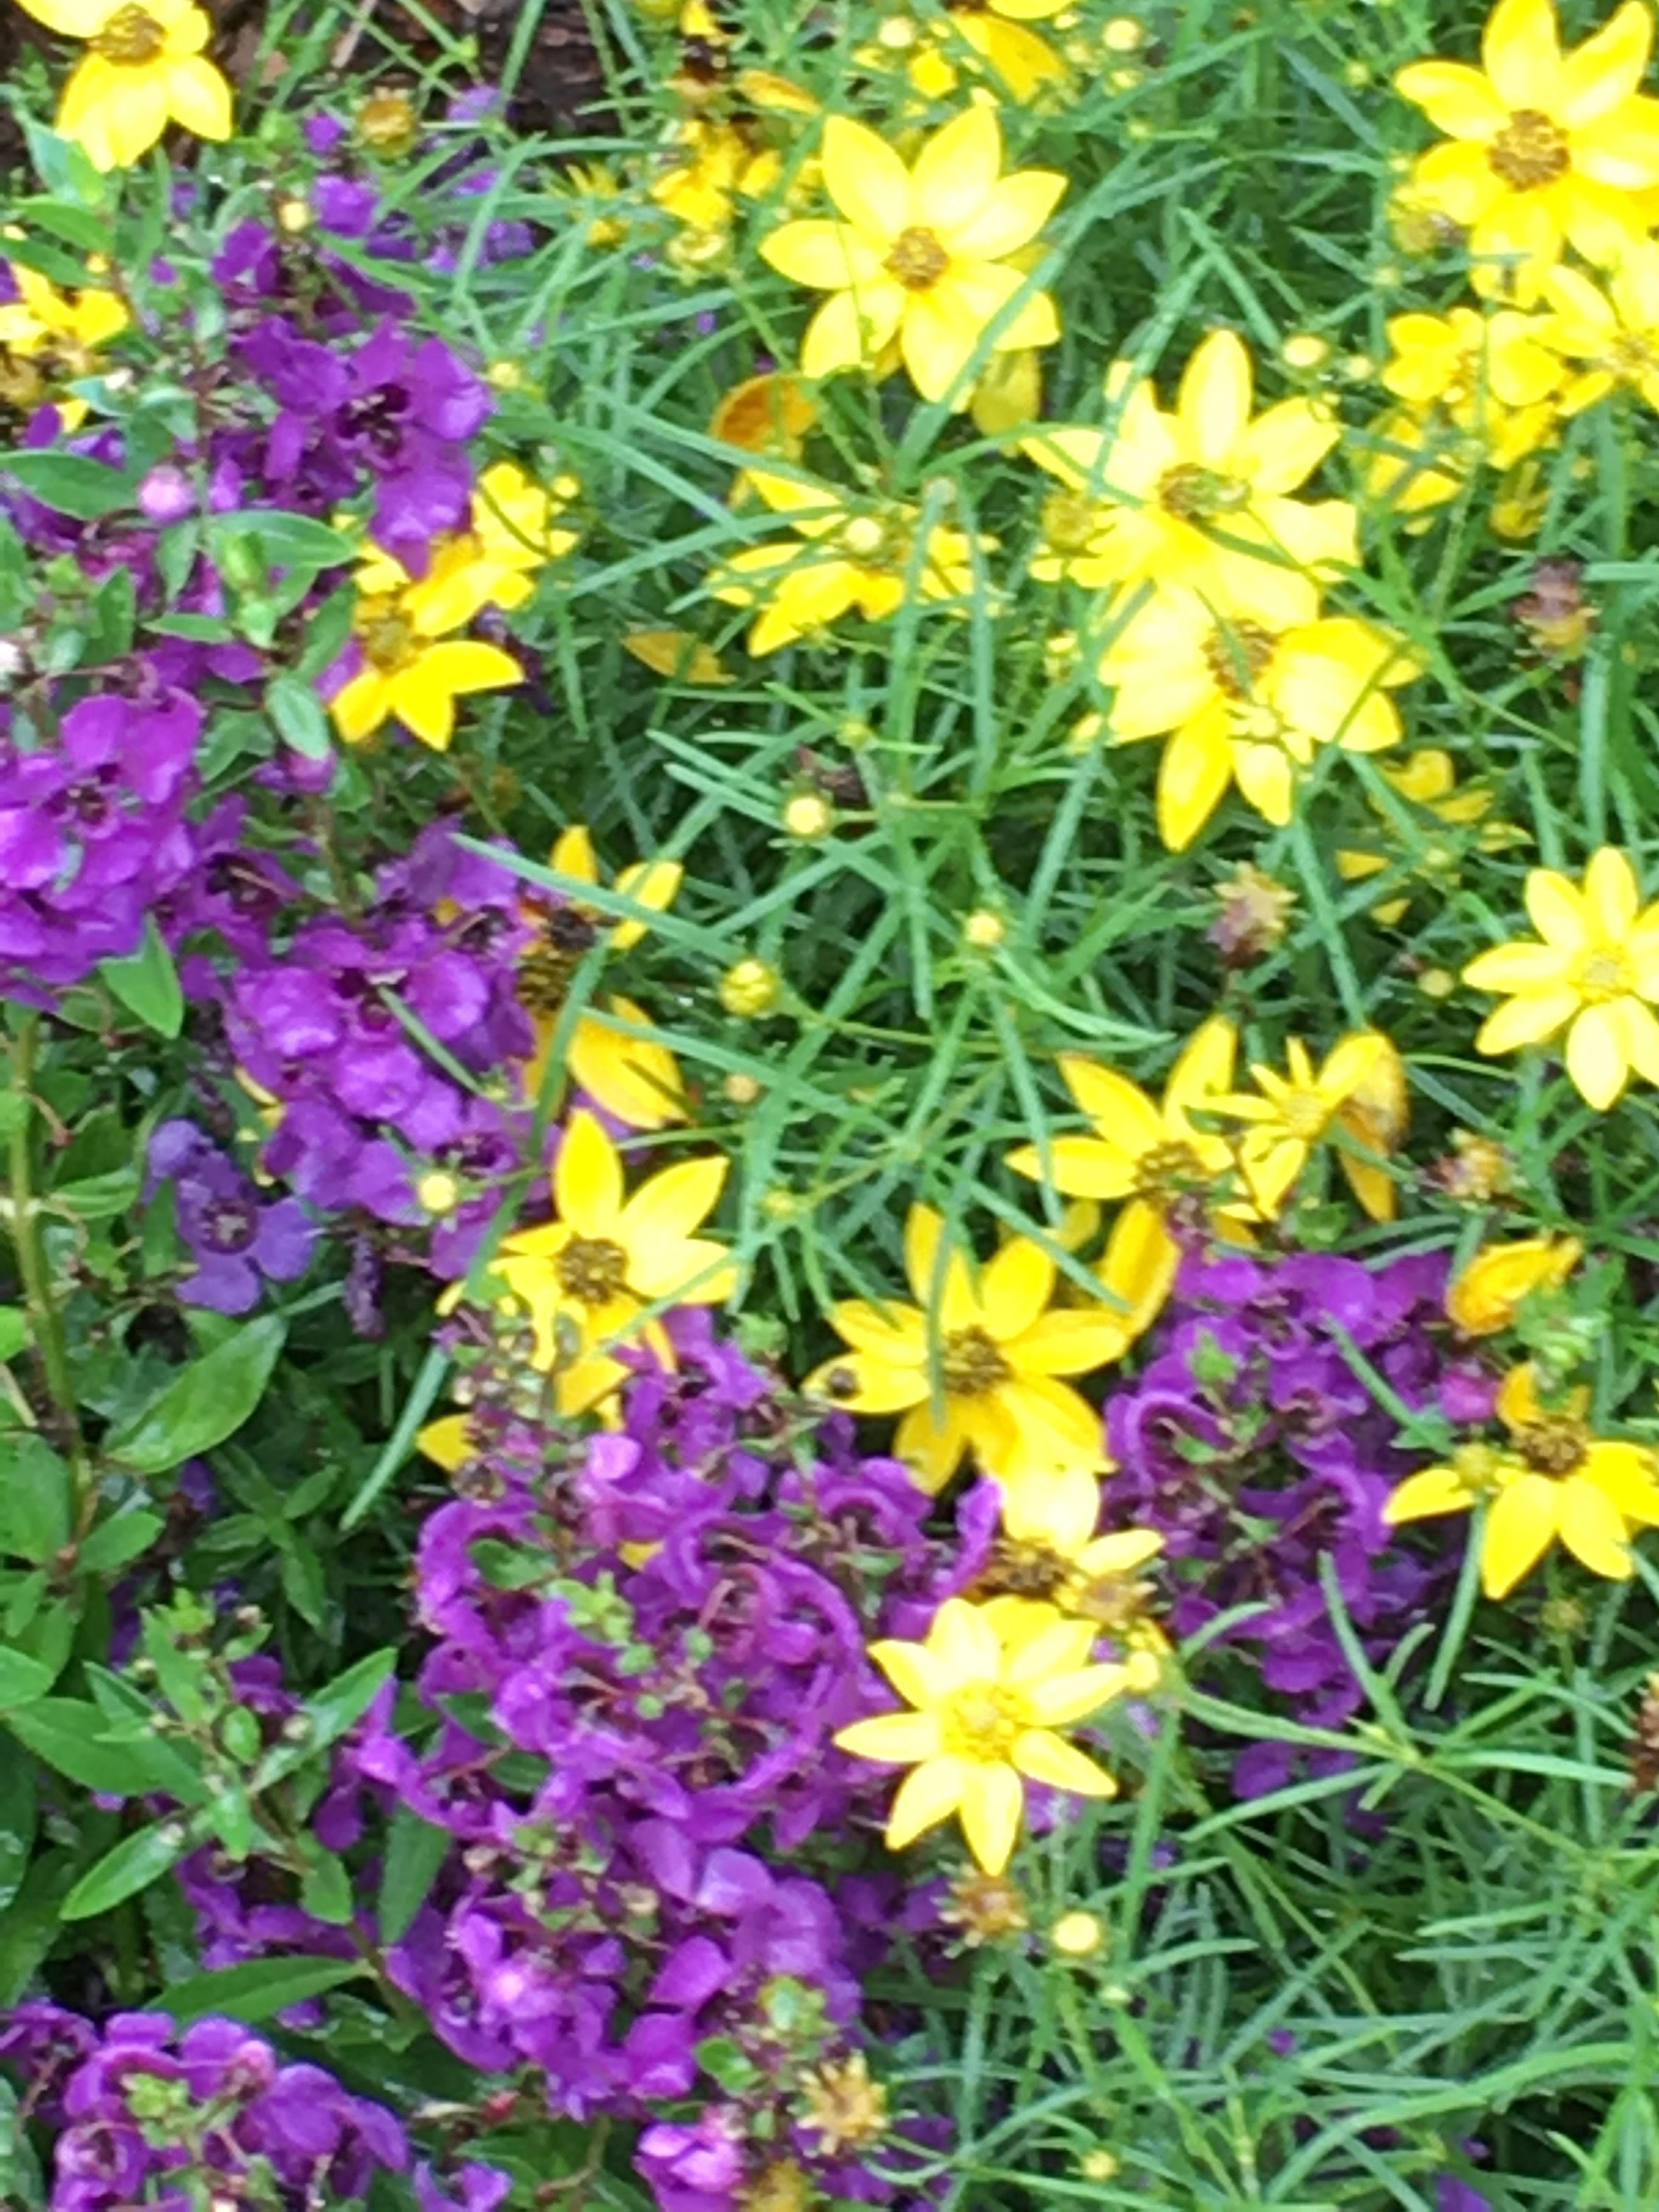 Angelonia angustifolia Archangel Dark Purple summer snapdragon Coreopsis verticillata Zagreb